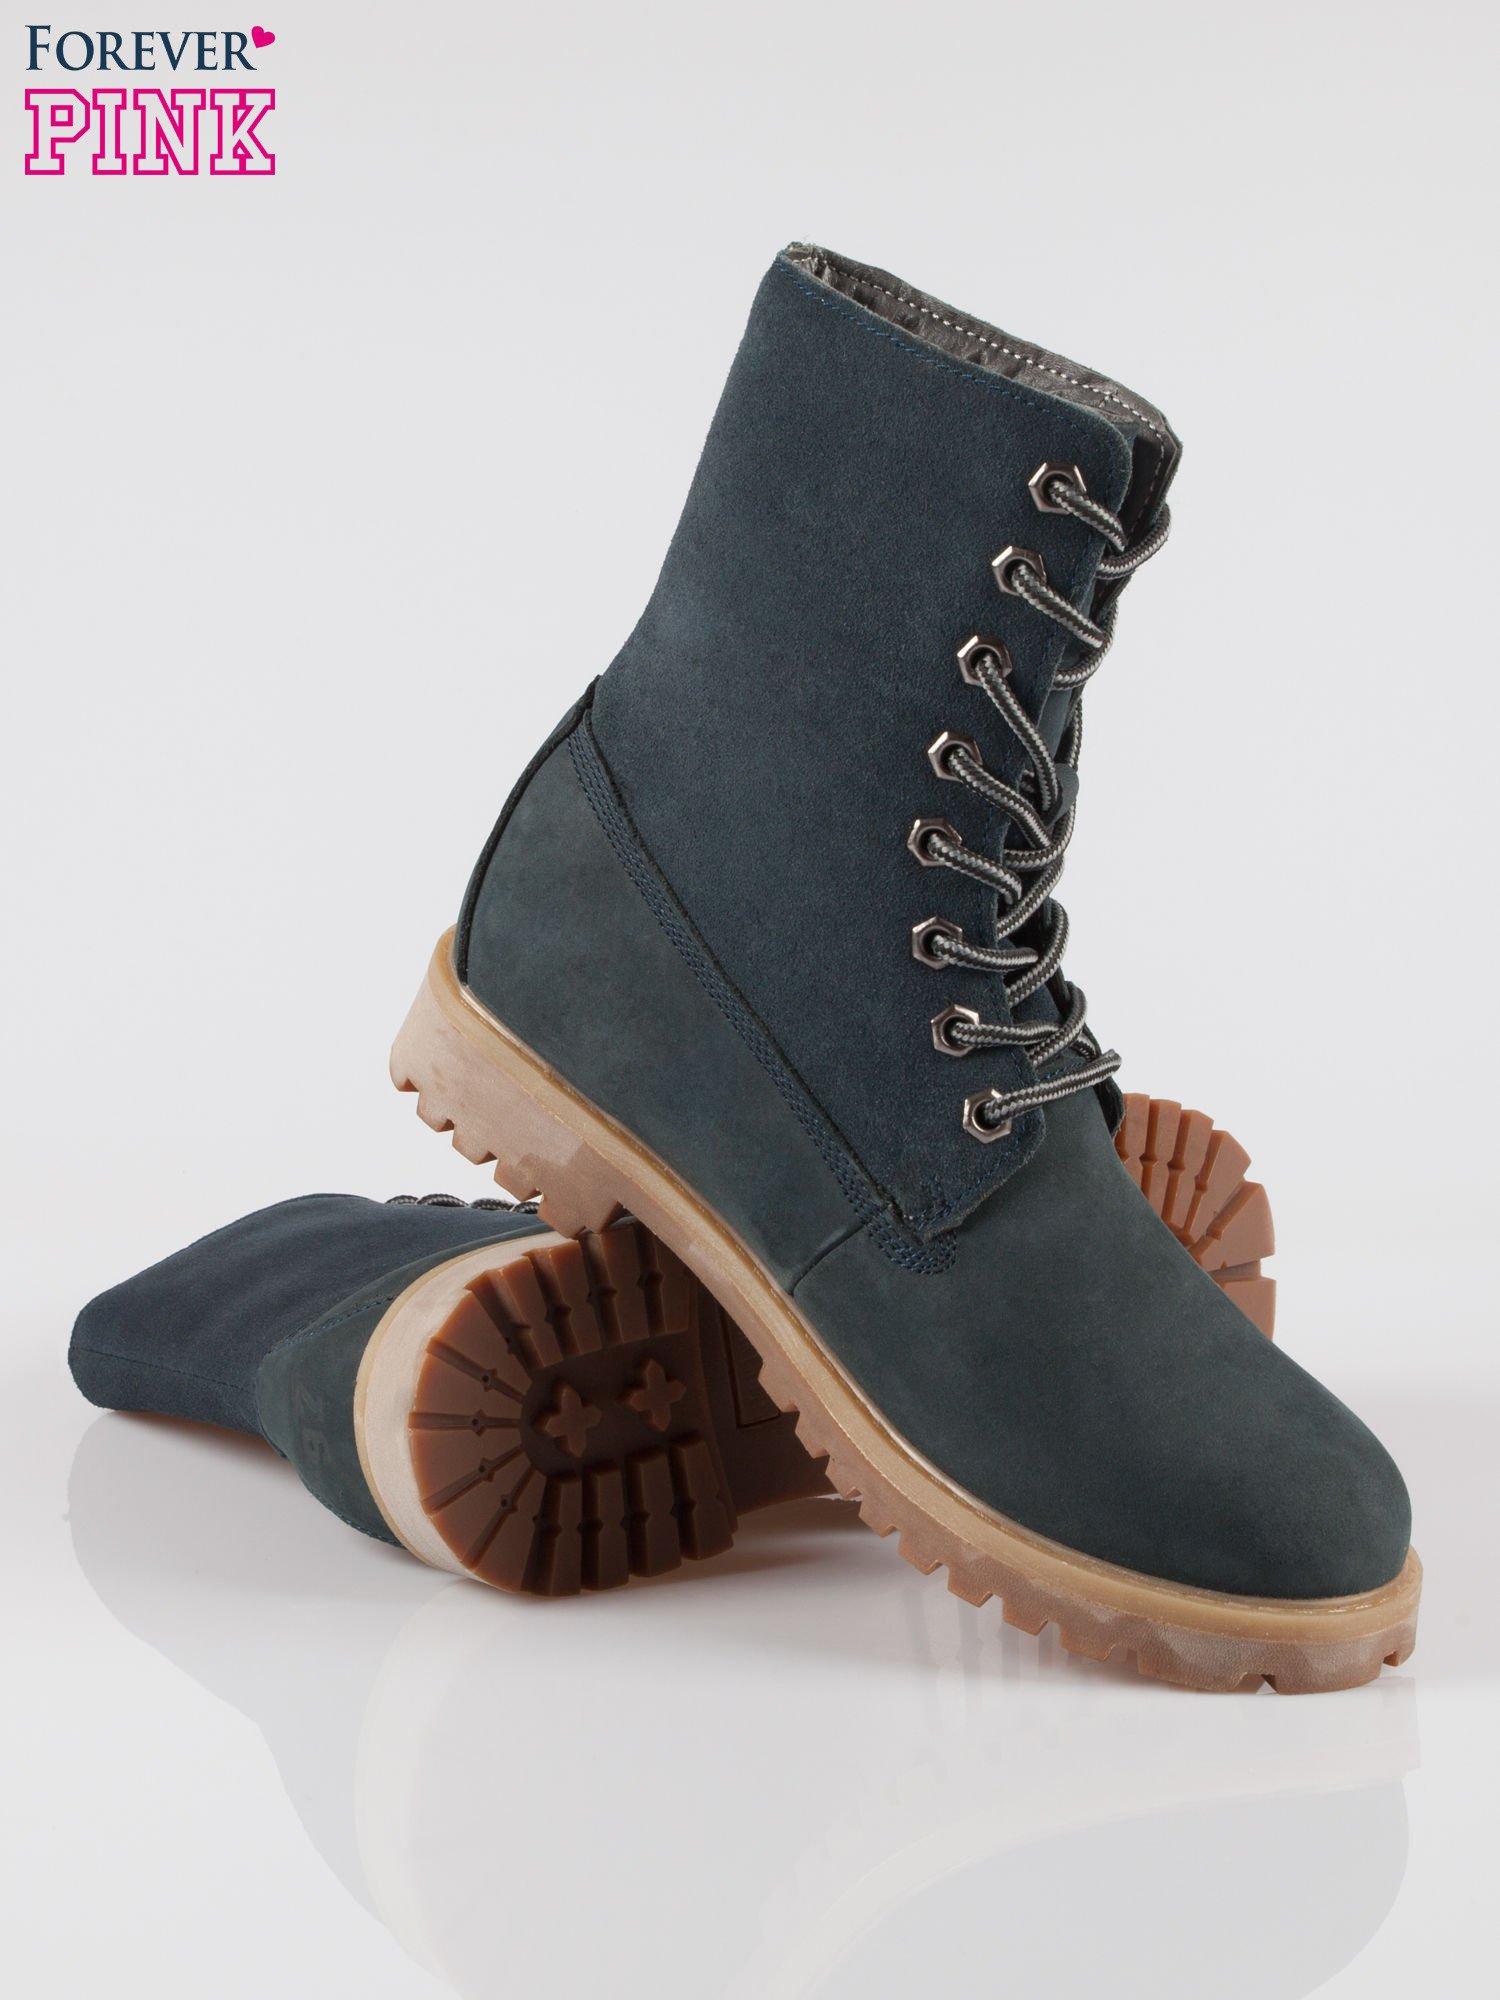 Granatowe wysokie buty trekkingowe traperki damskie ze skóry naturalnej                                  zdj.                                  4